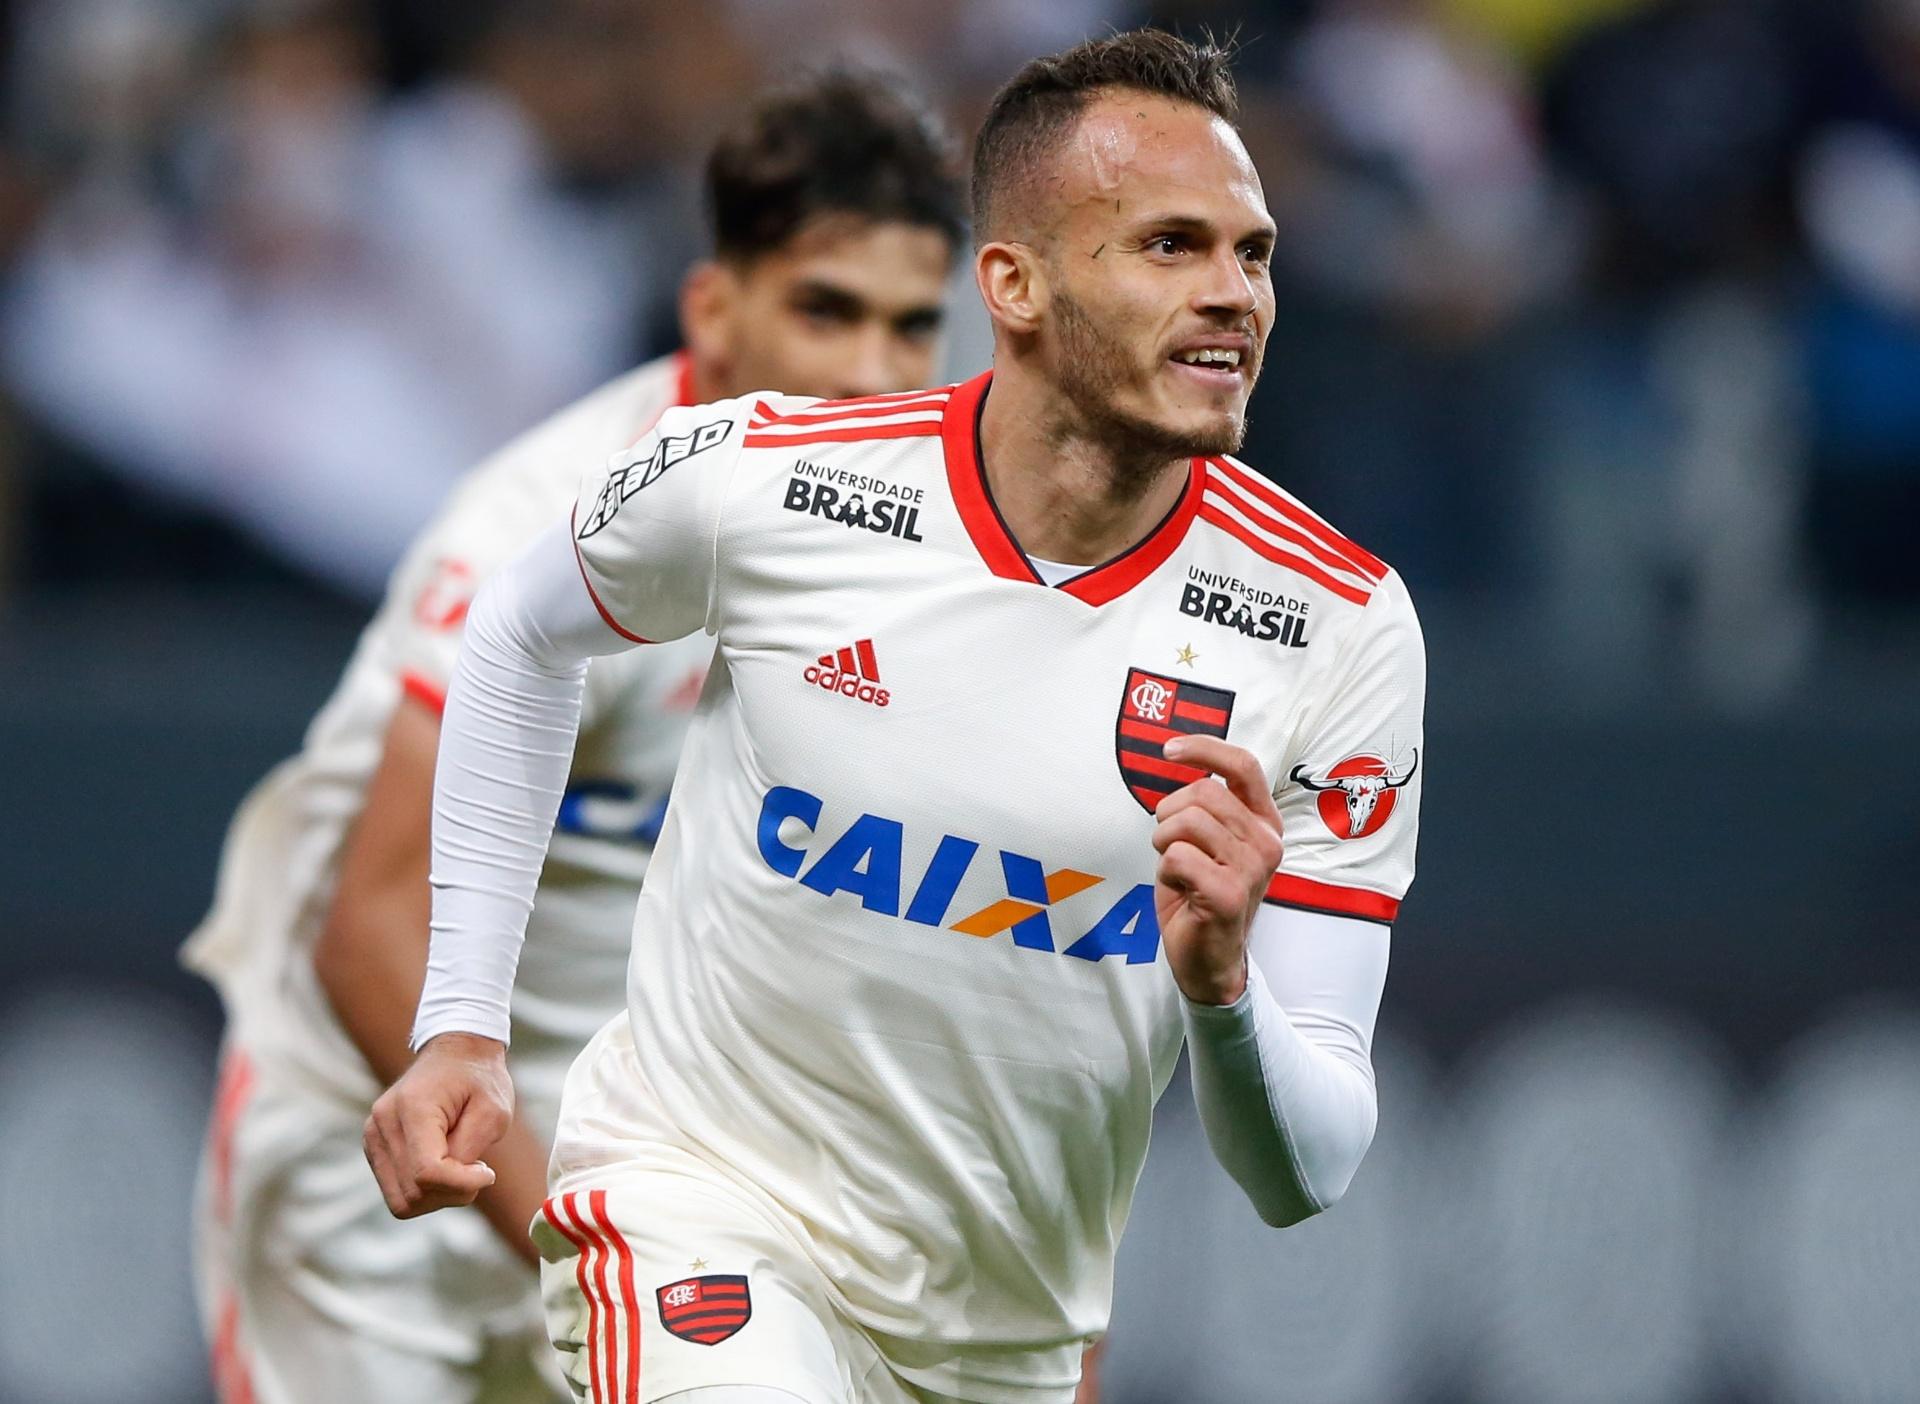 ad3c505bd9 Só a vitória interessa  Flamengo e as contas para conquistar o Brasileirão  - 31 10 2018 - UOL Esporte